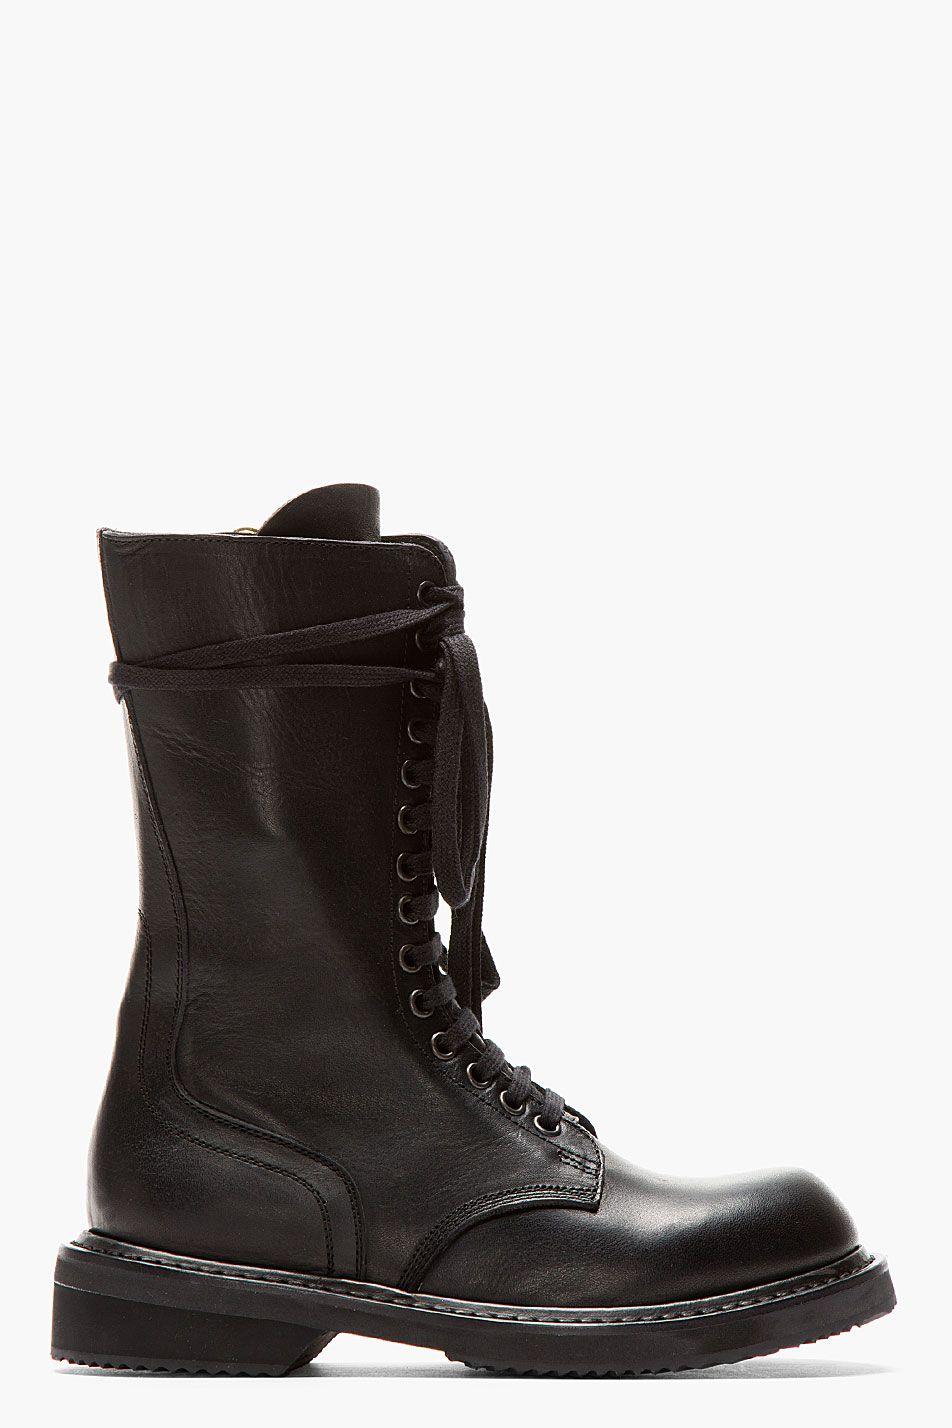 Sitio Oficial De Salida Rick Owens zipped mid-calf boots - Nero Venta Barata Con Paypal Envío Bajo Venta En Línea De Pago Venta Amplia Gama De iX41gH